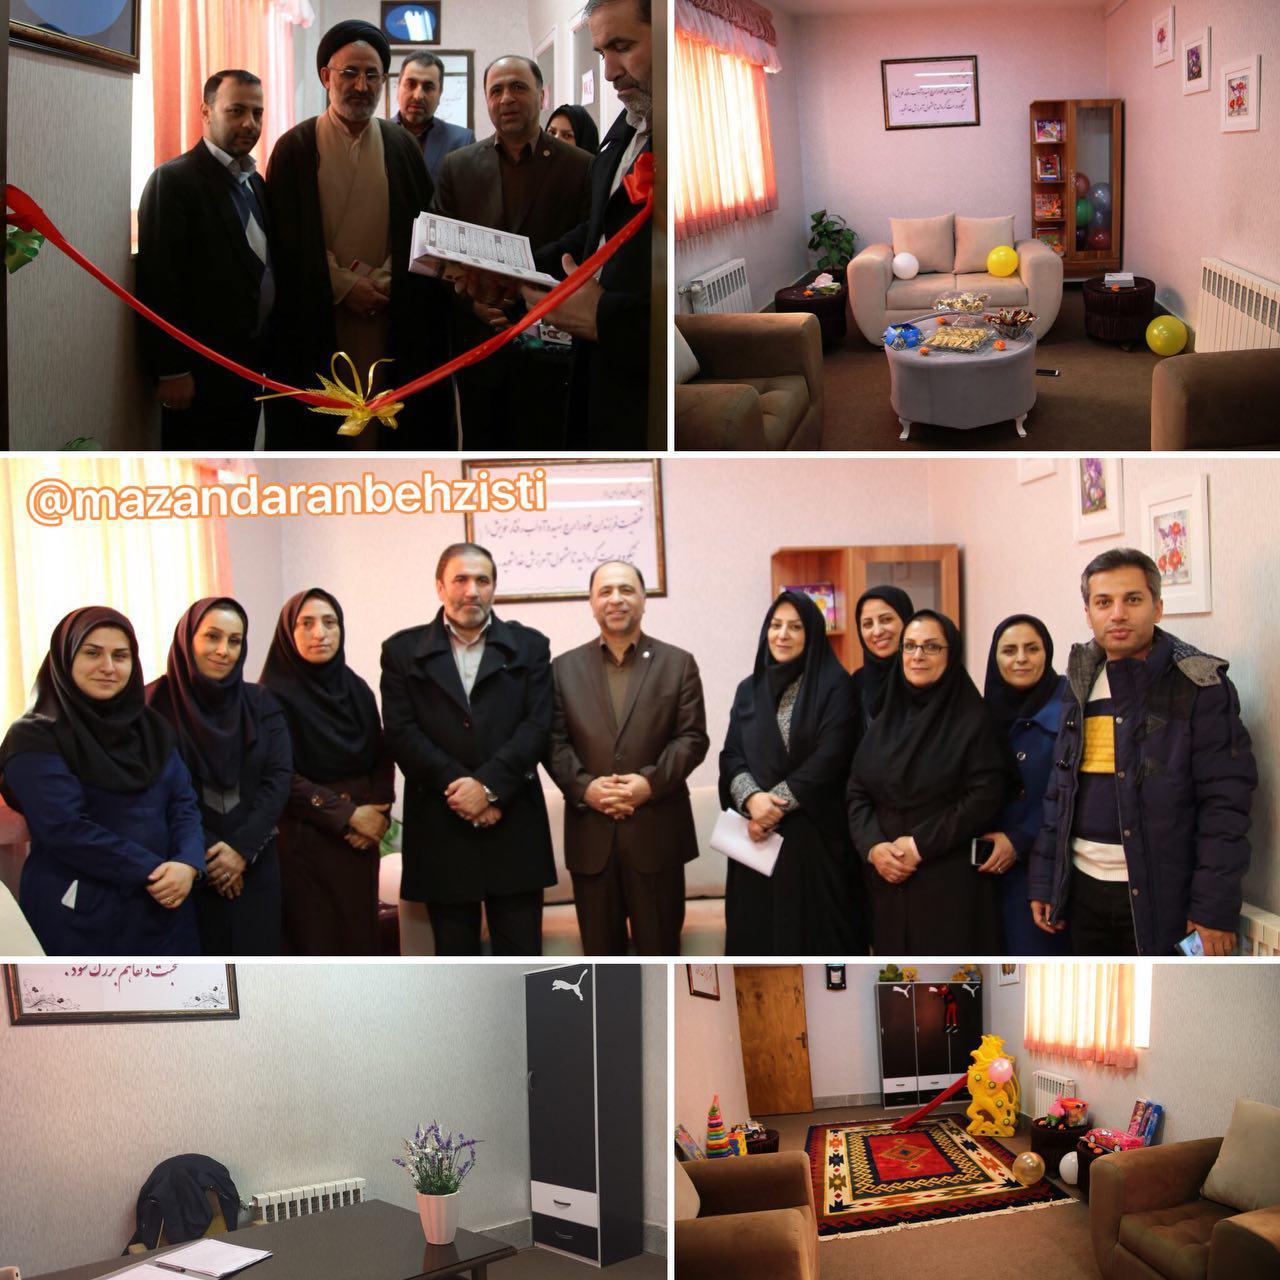 دکتر آرام: خانه مهر حلقه مفقوده در روند آسیب شناسی فرزندان طلاق بود